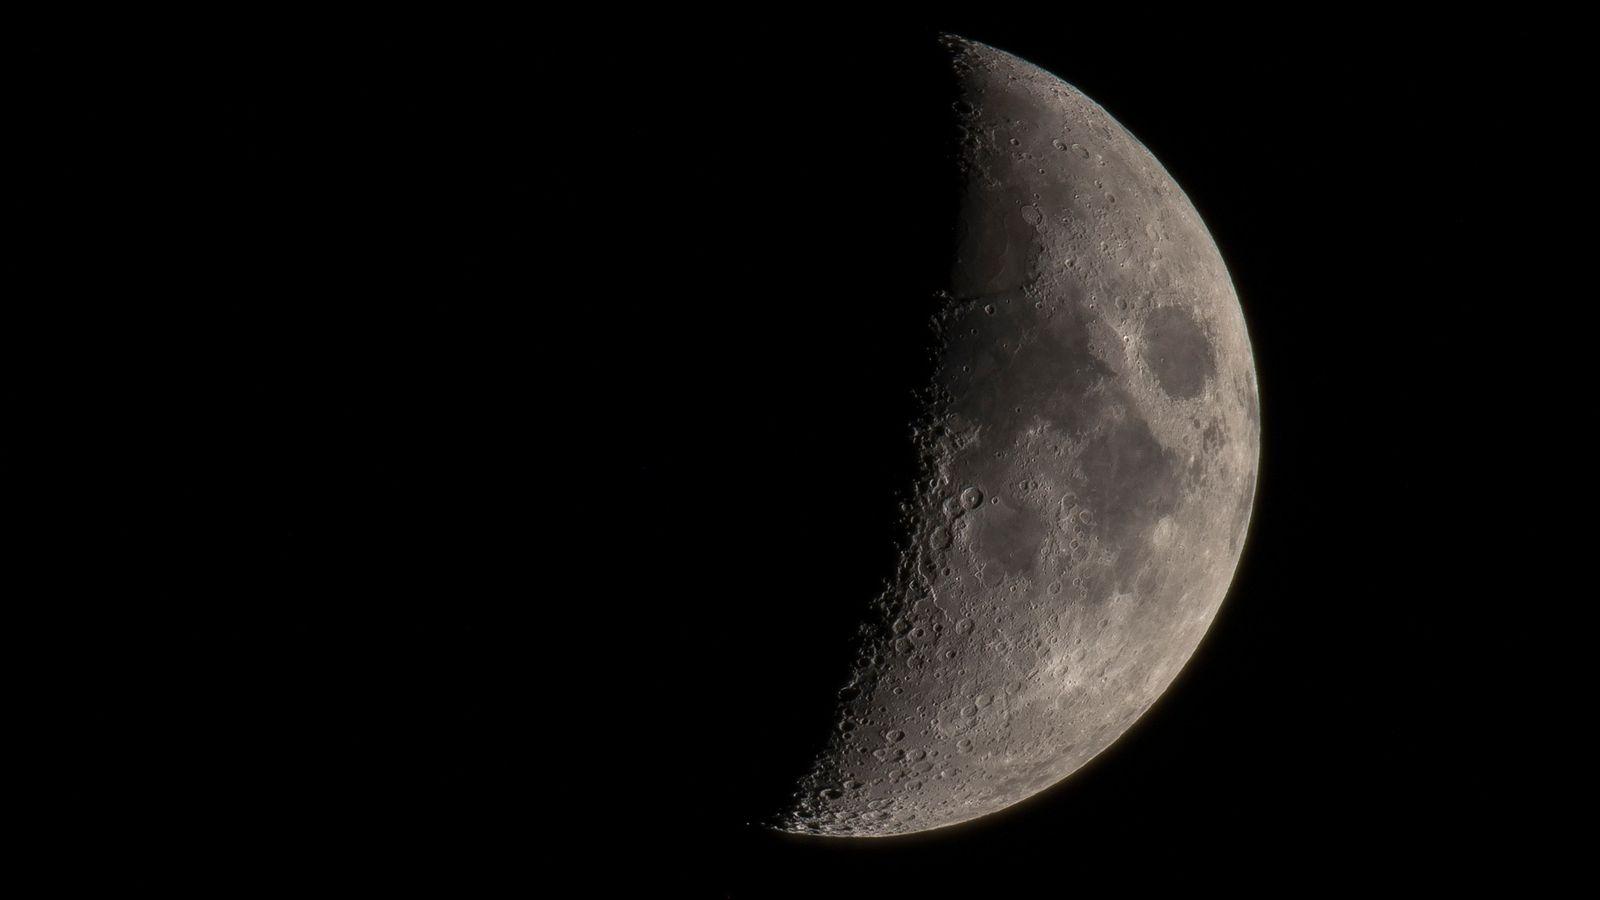 Cette vue de la Lune à travers un télescope montre les nombreux cratères et autres plaines ...